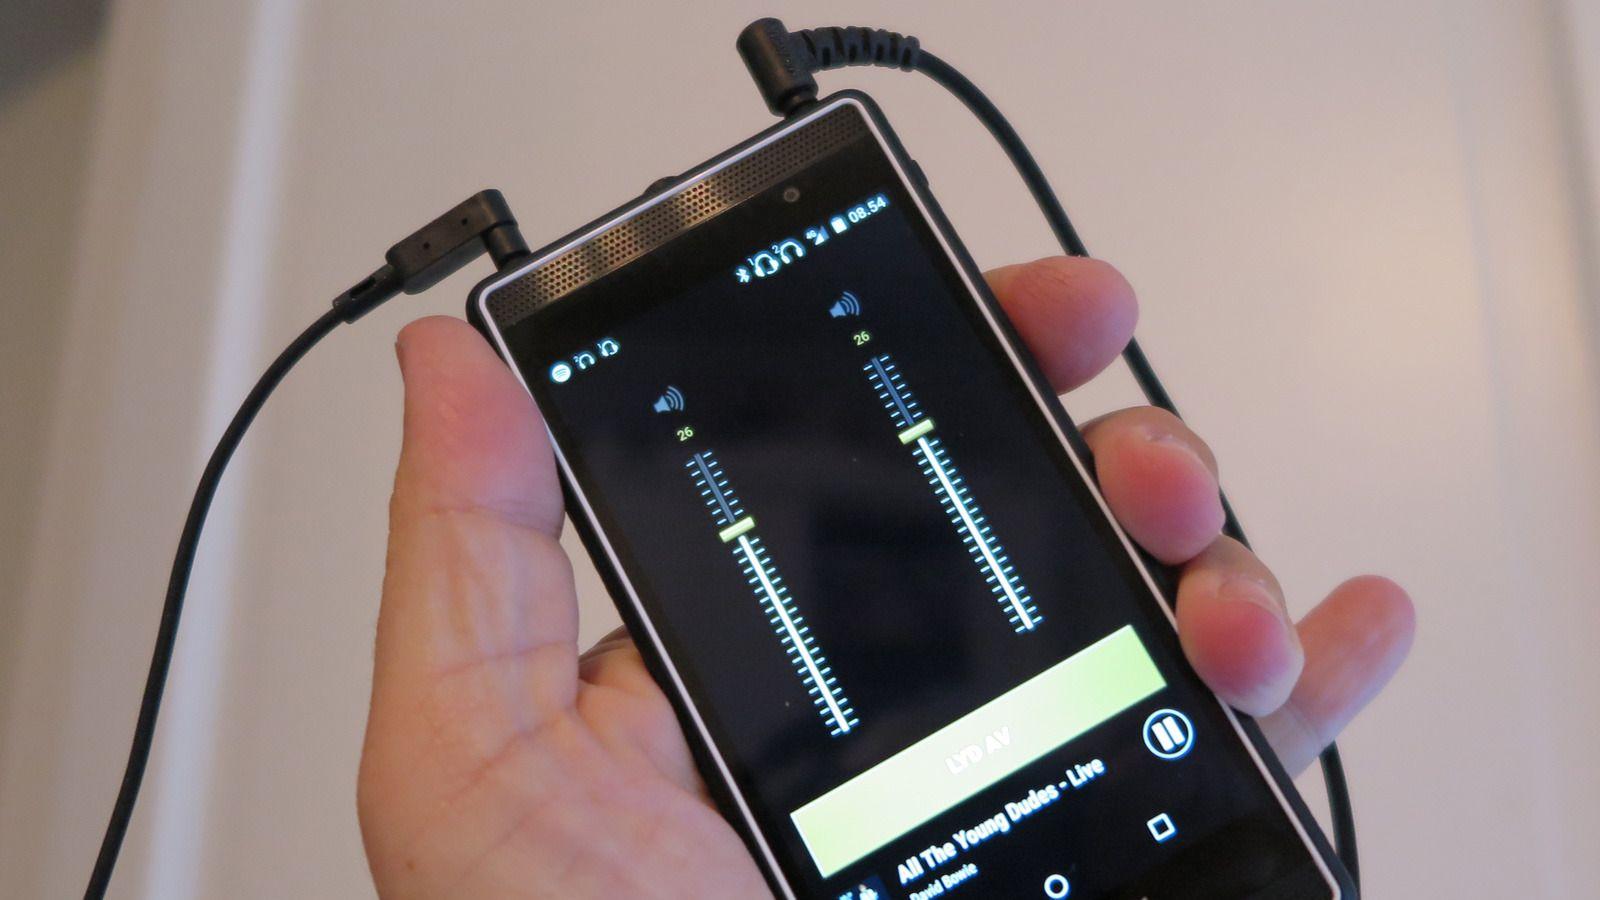 Marshall London støtter bruk av to kablede hodetelefoner samtidig. Volumet han justeres separat. Foto: Espen Irwing Swang, Tek.no